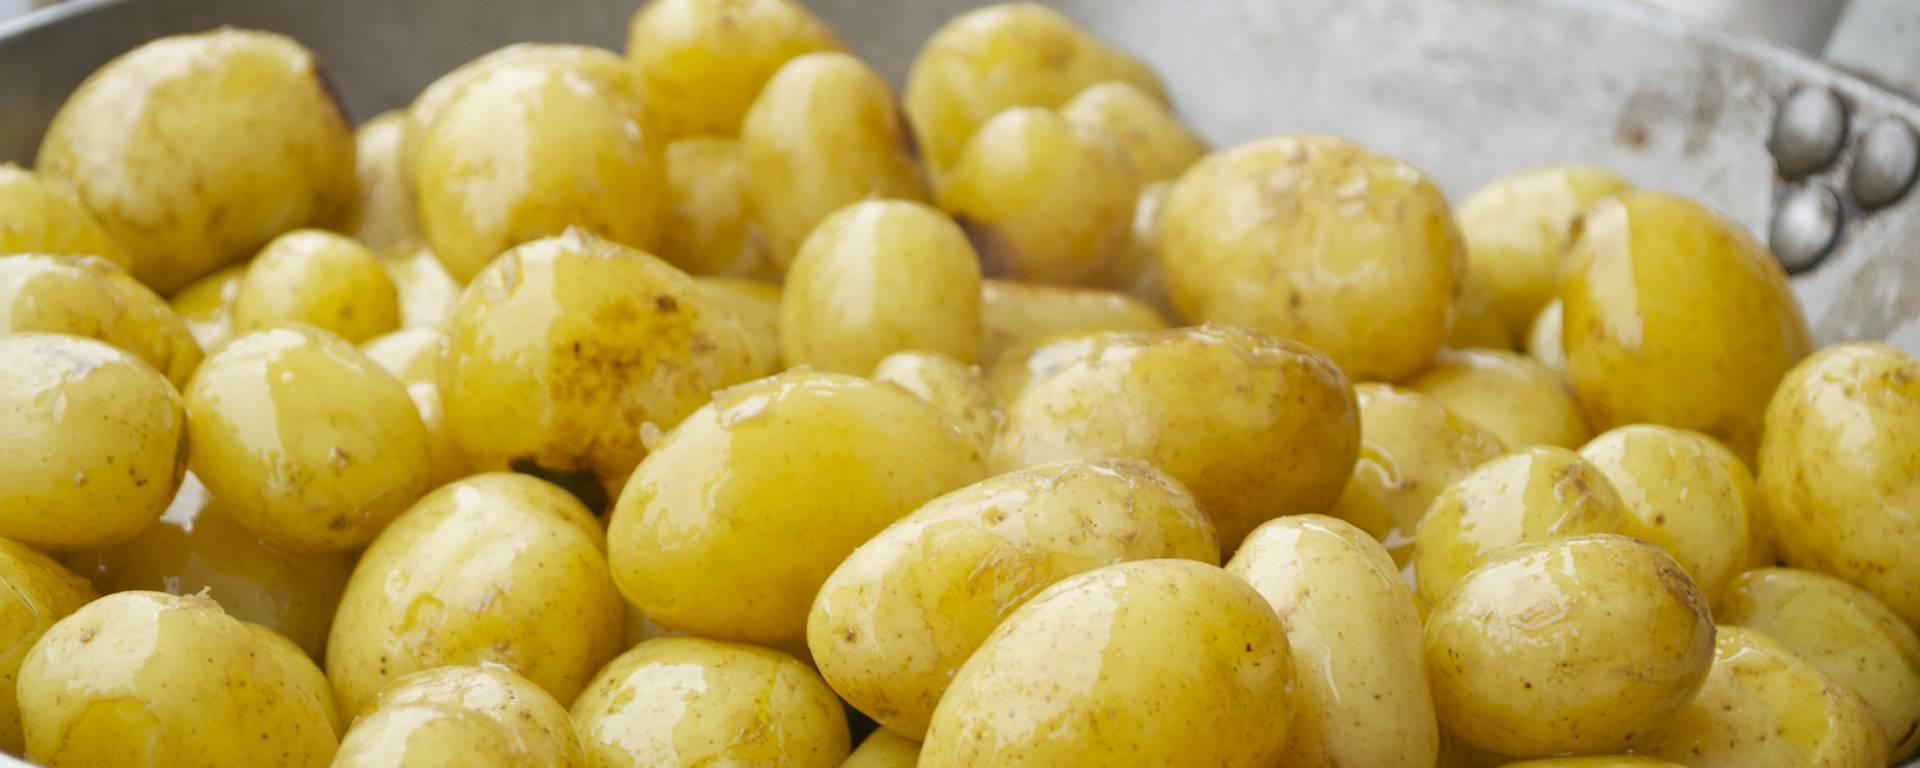 Les pommes de terre de l'Ile de Ré, Régalades 2017